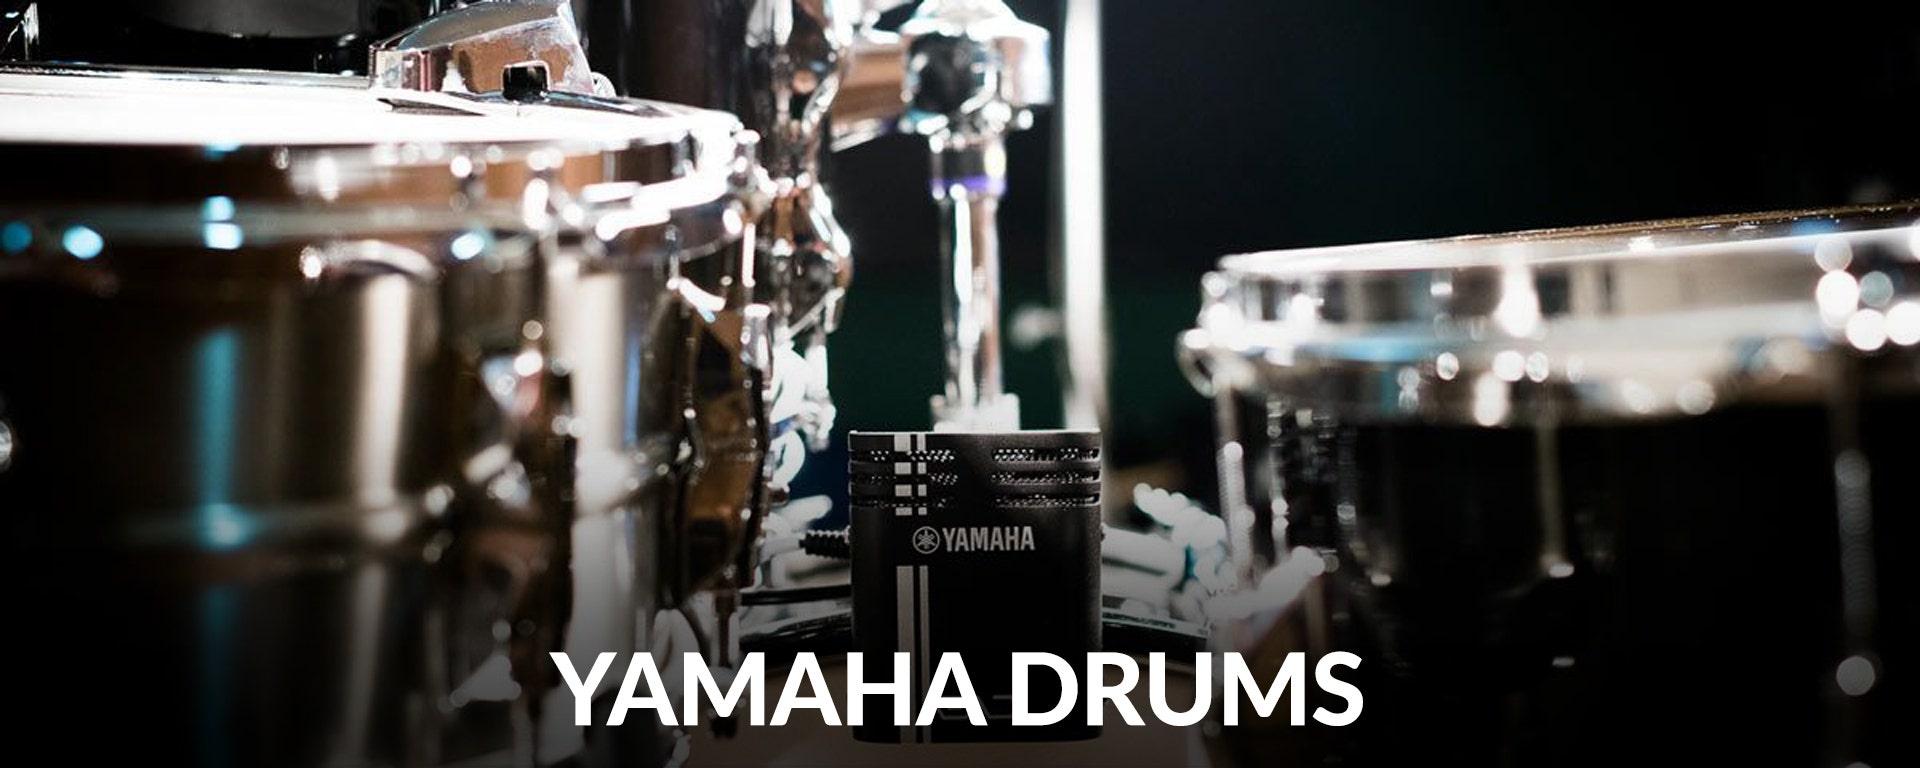 Shop Yamaha Drums and Percussion at SamAsh.com